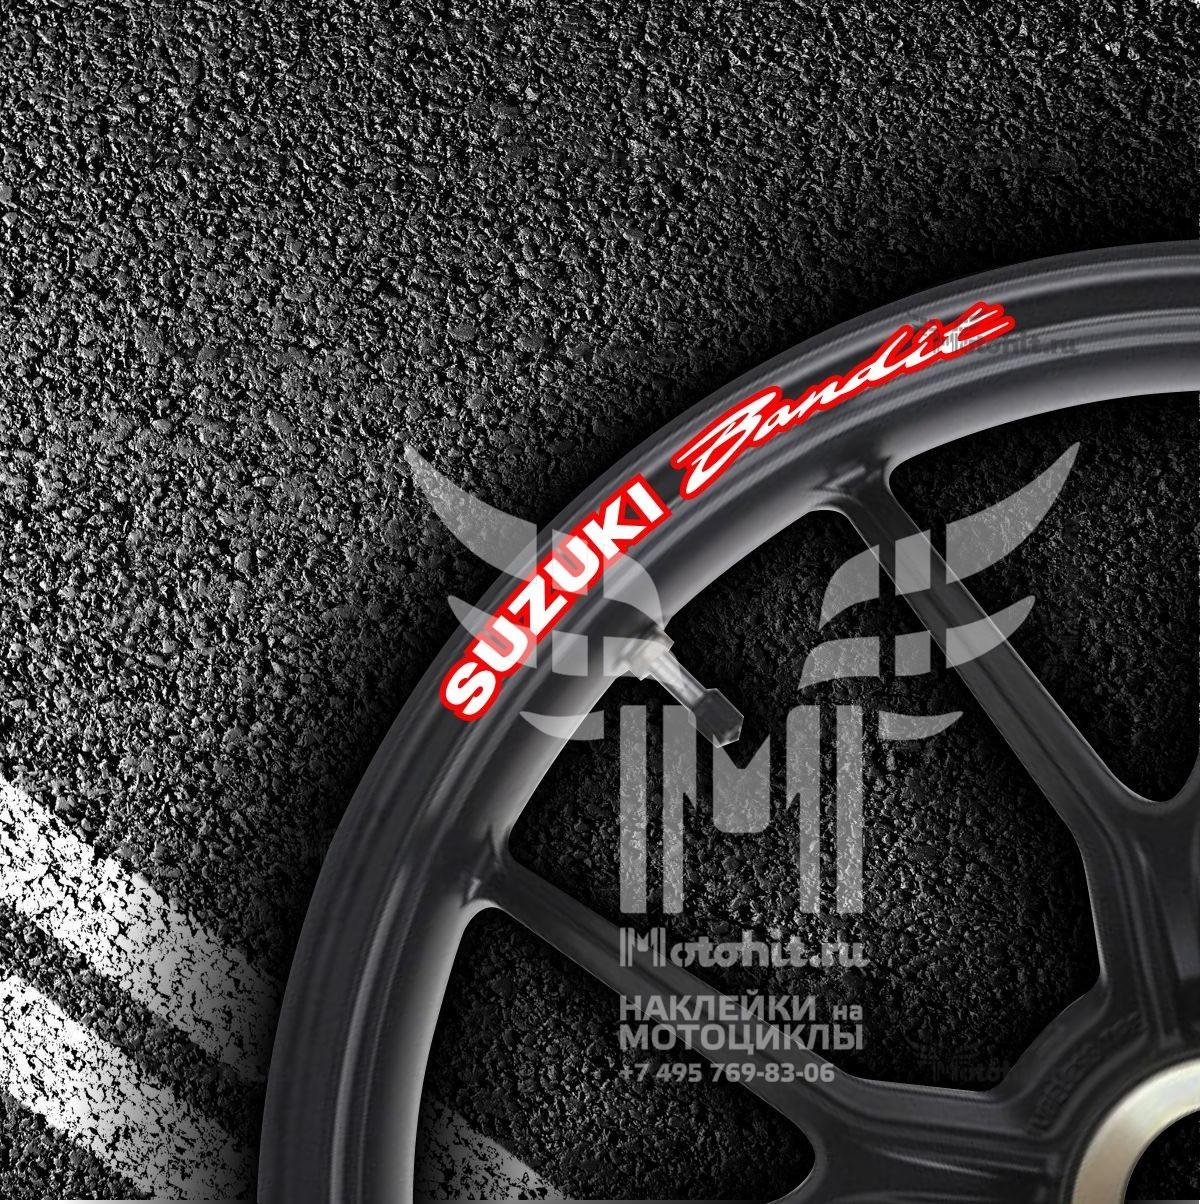 Комплект наклеек на обод колеса мотоцикла SUZUKI BANDIT